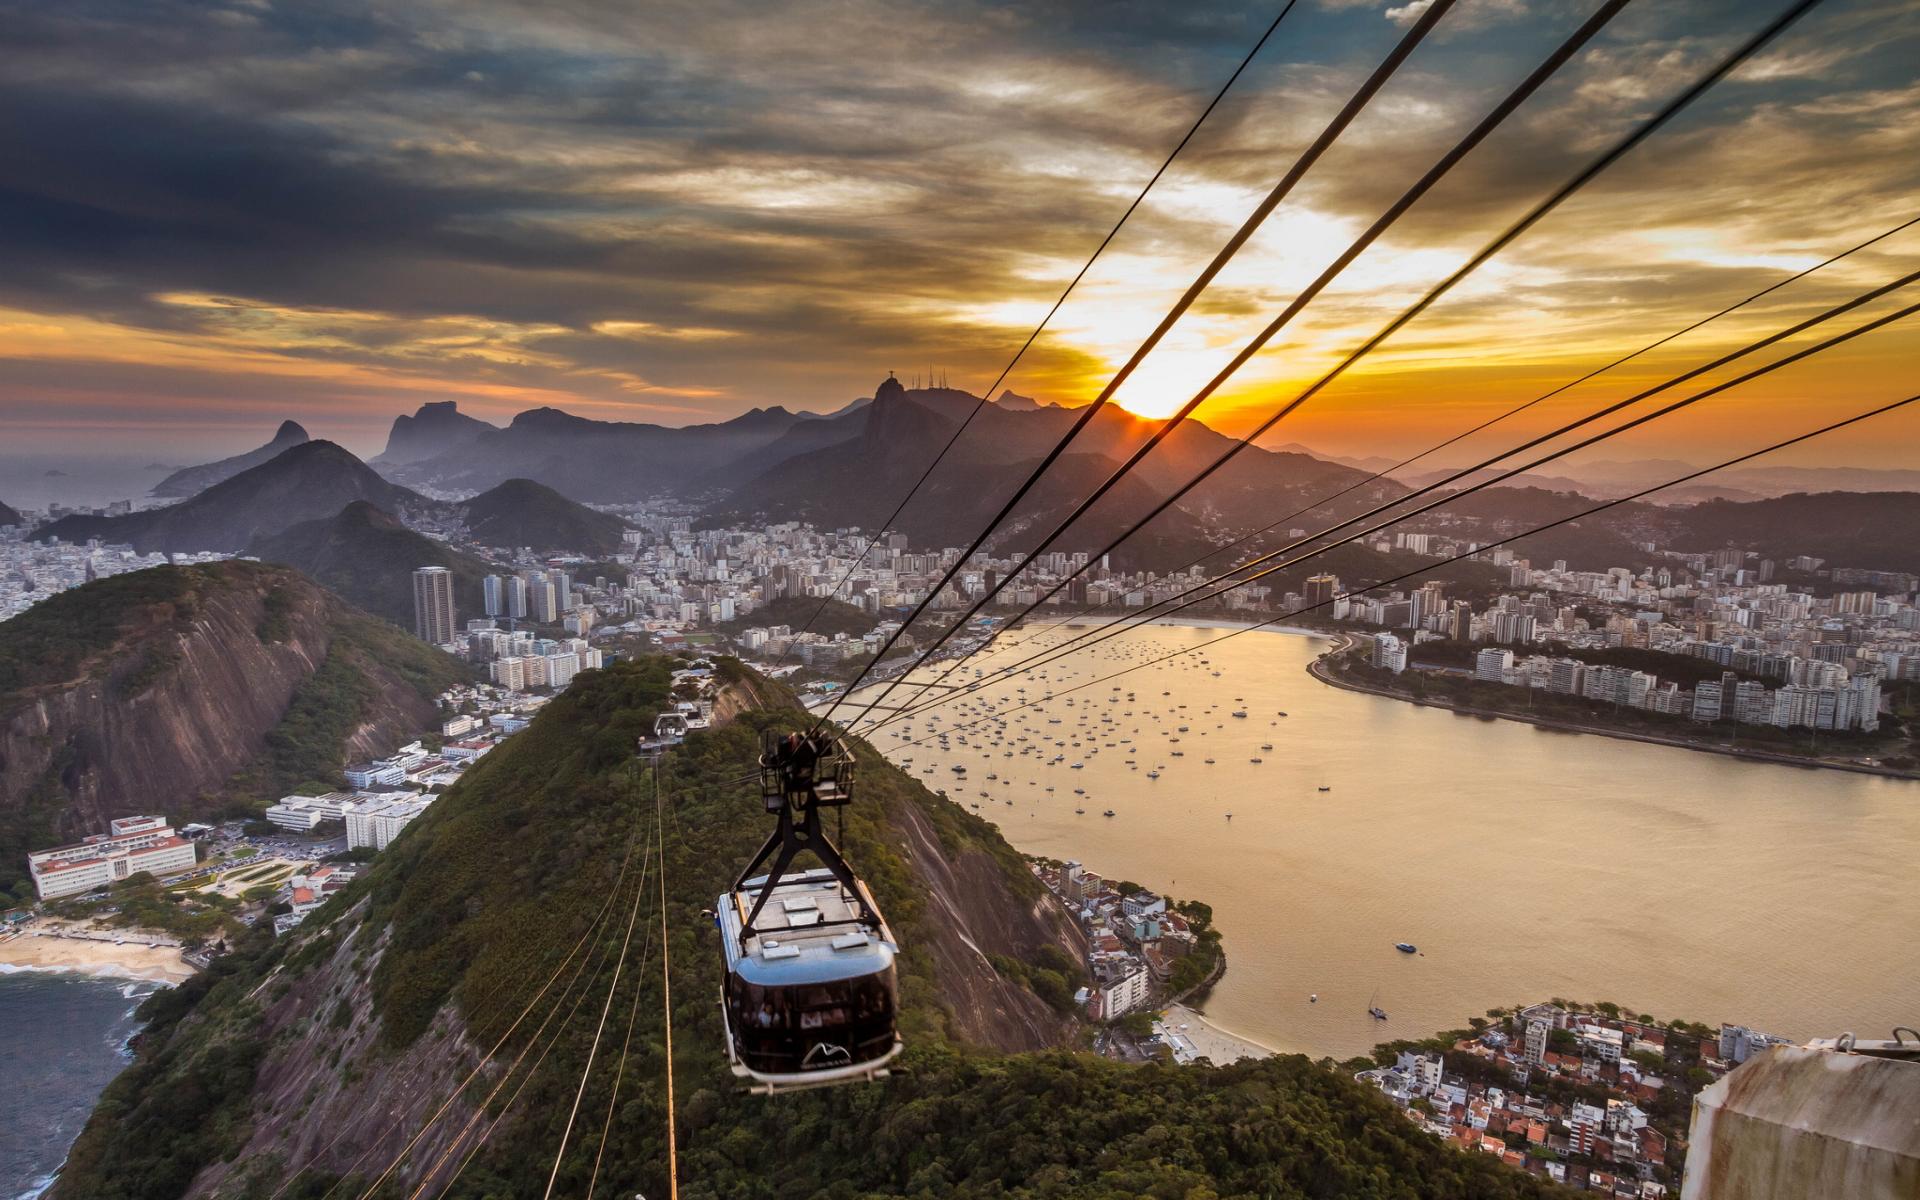 Rio De Janeiro Wallpaper Android Phones